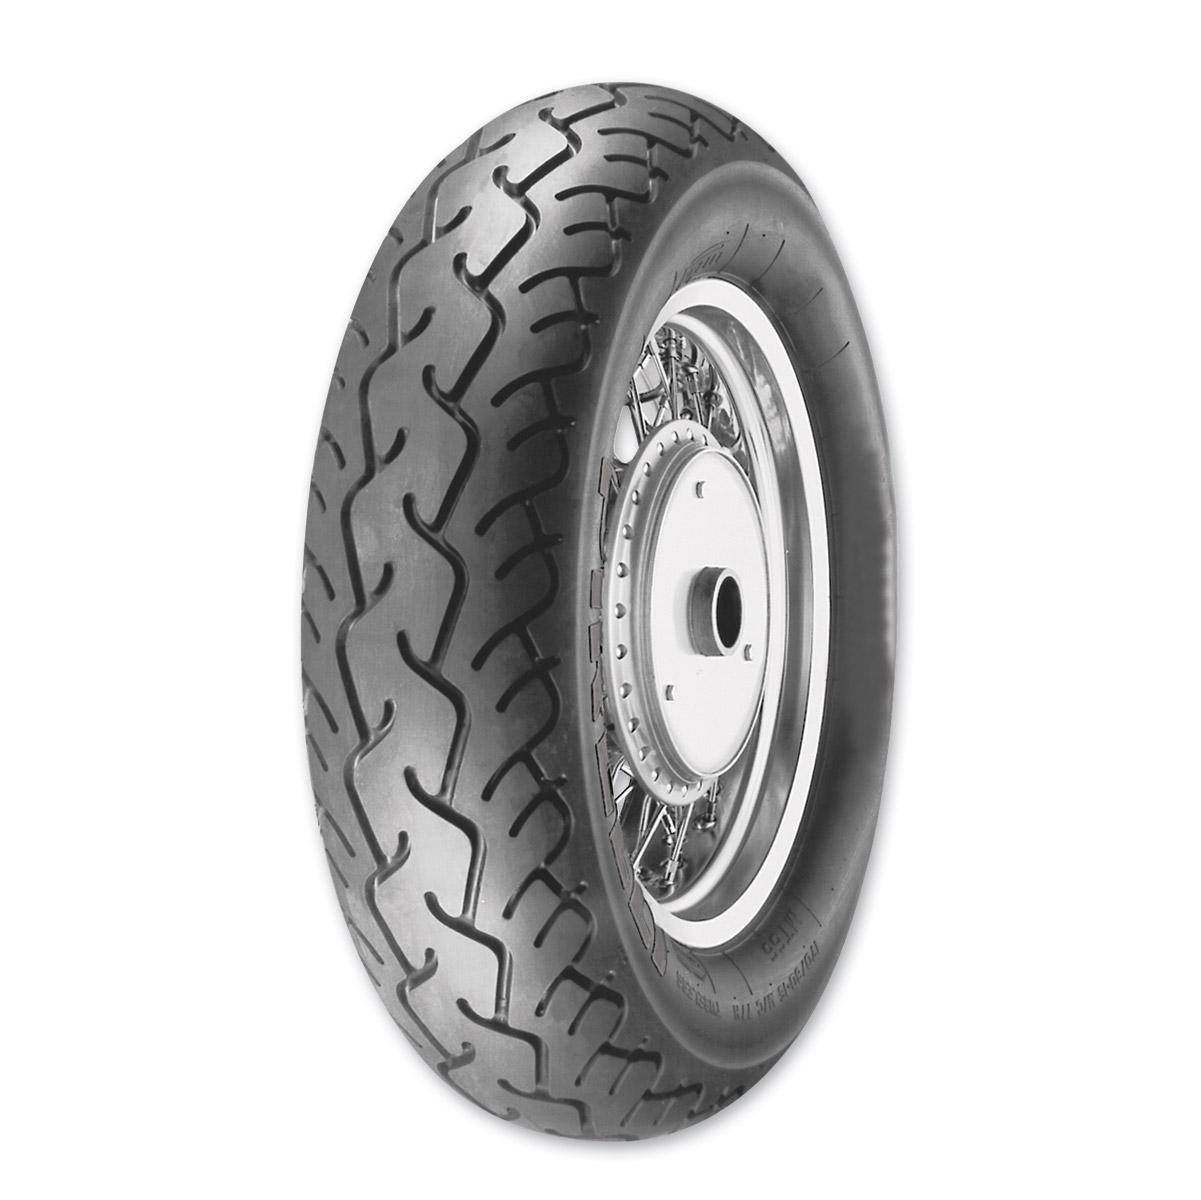 Pirelli MT66 Route 150/80-16 Rear Tire